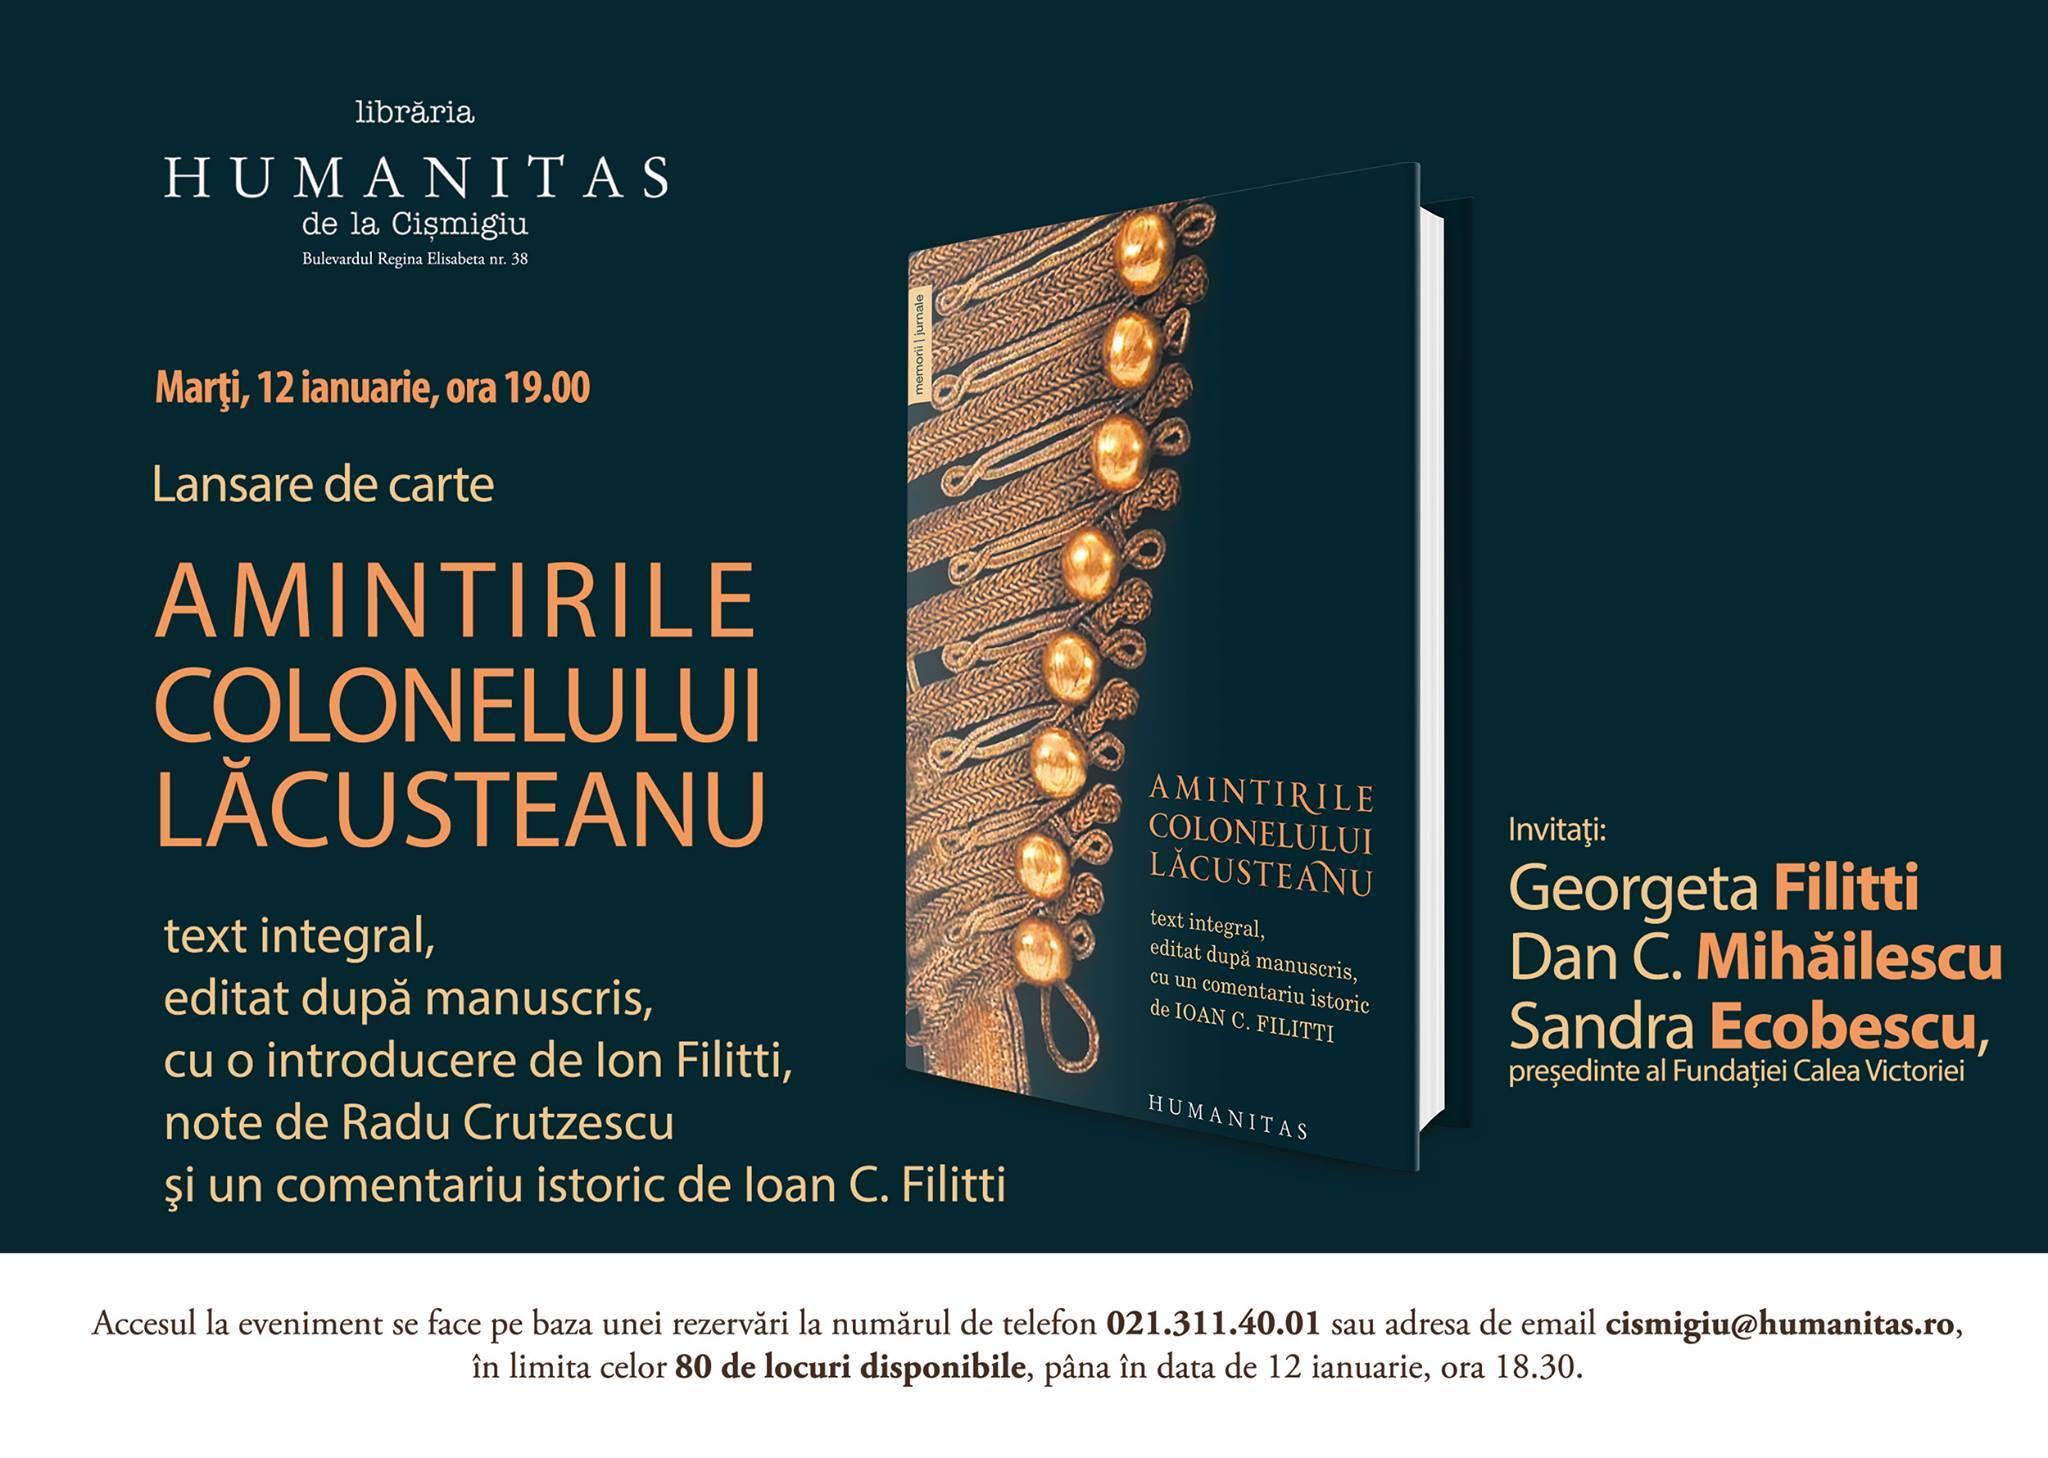 Despre ediţia integrală a amintirilor lui Grigore Lăcusteanu cu Georgeta Filliti, Dan C. Mihăilescu şi Sandra Ecobescu